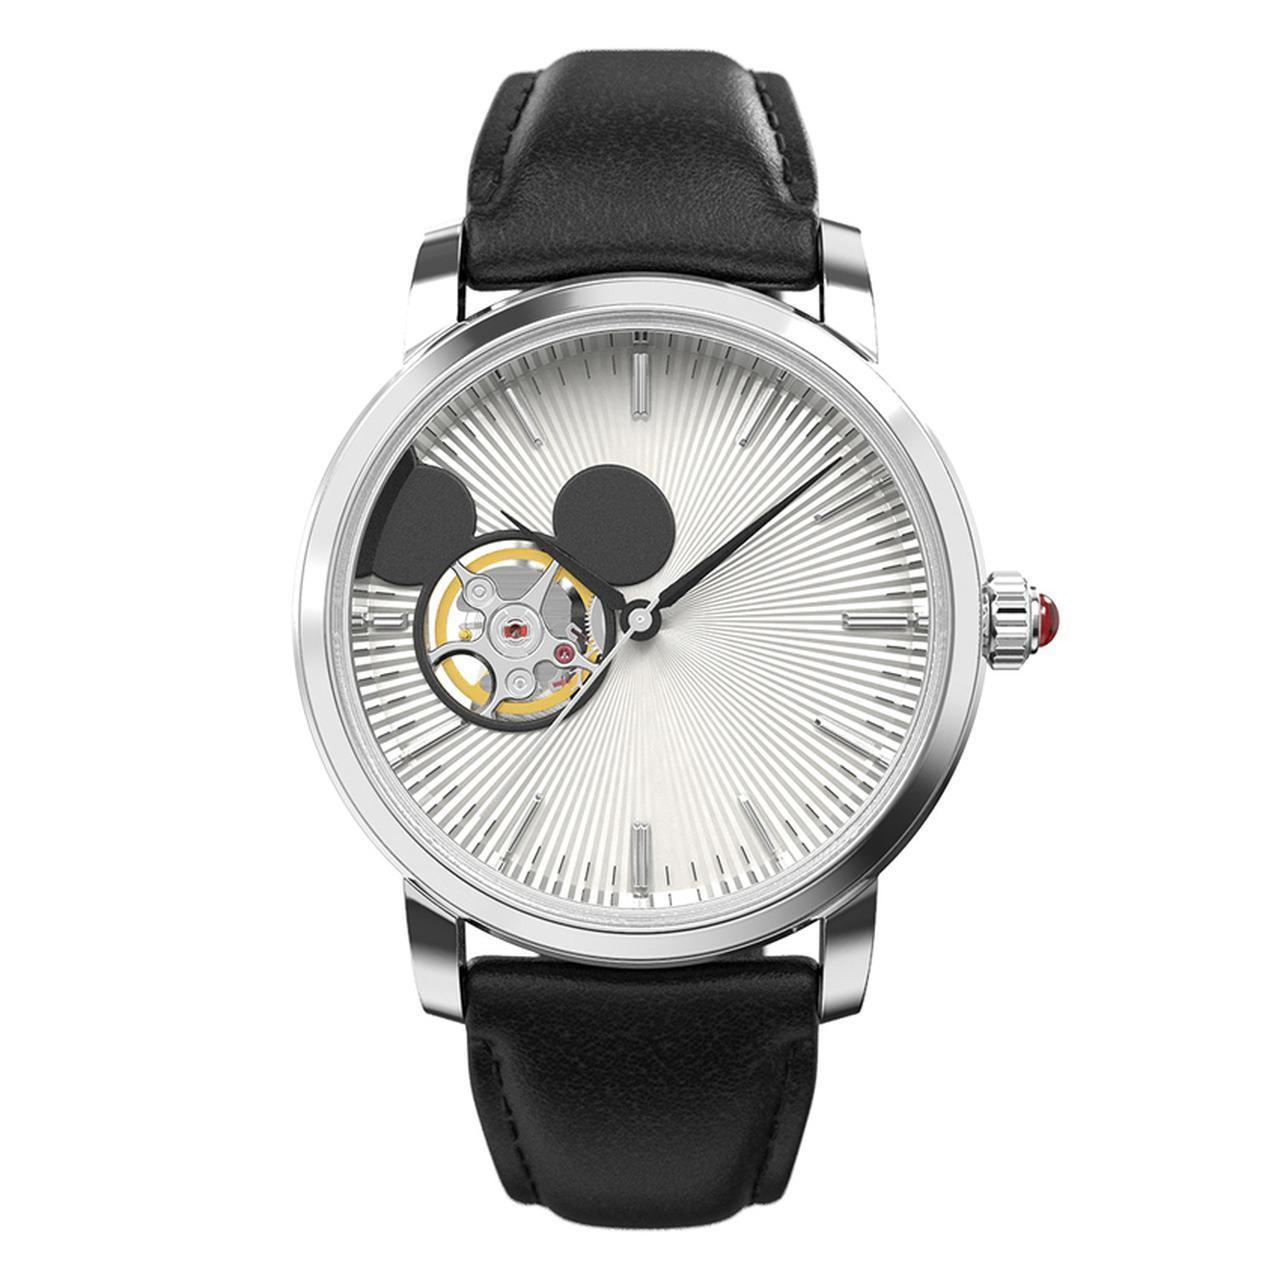 画像: ケイ・ウノ カストヴァ ディズニー オーダー時計 オーダー価格例:15万6800円(下のミッキーマウスモチーフの価格例)